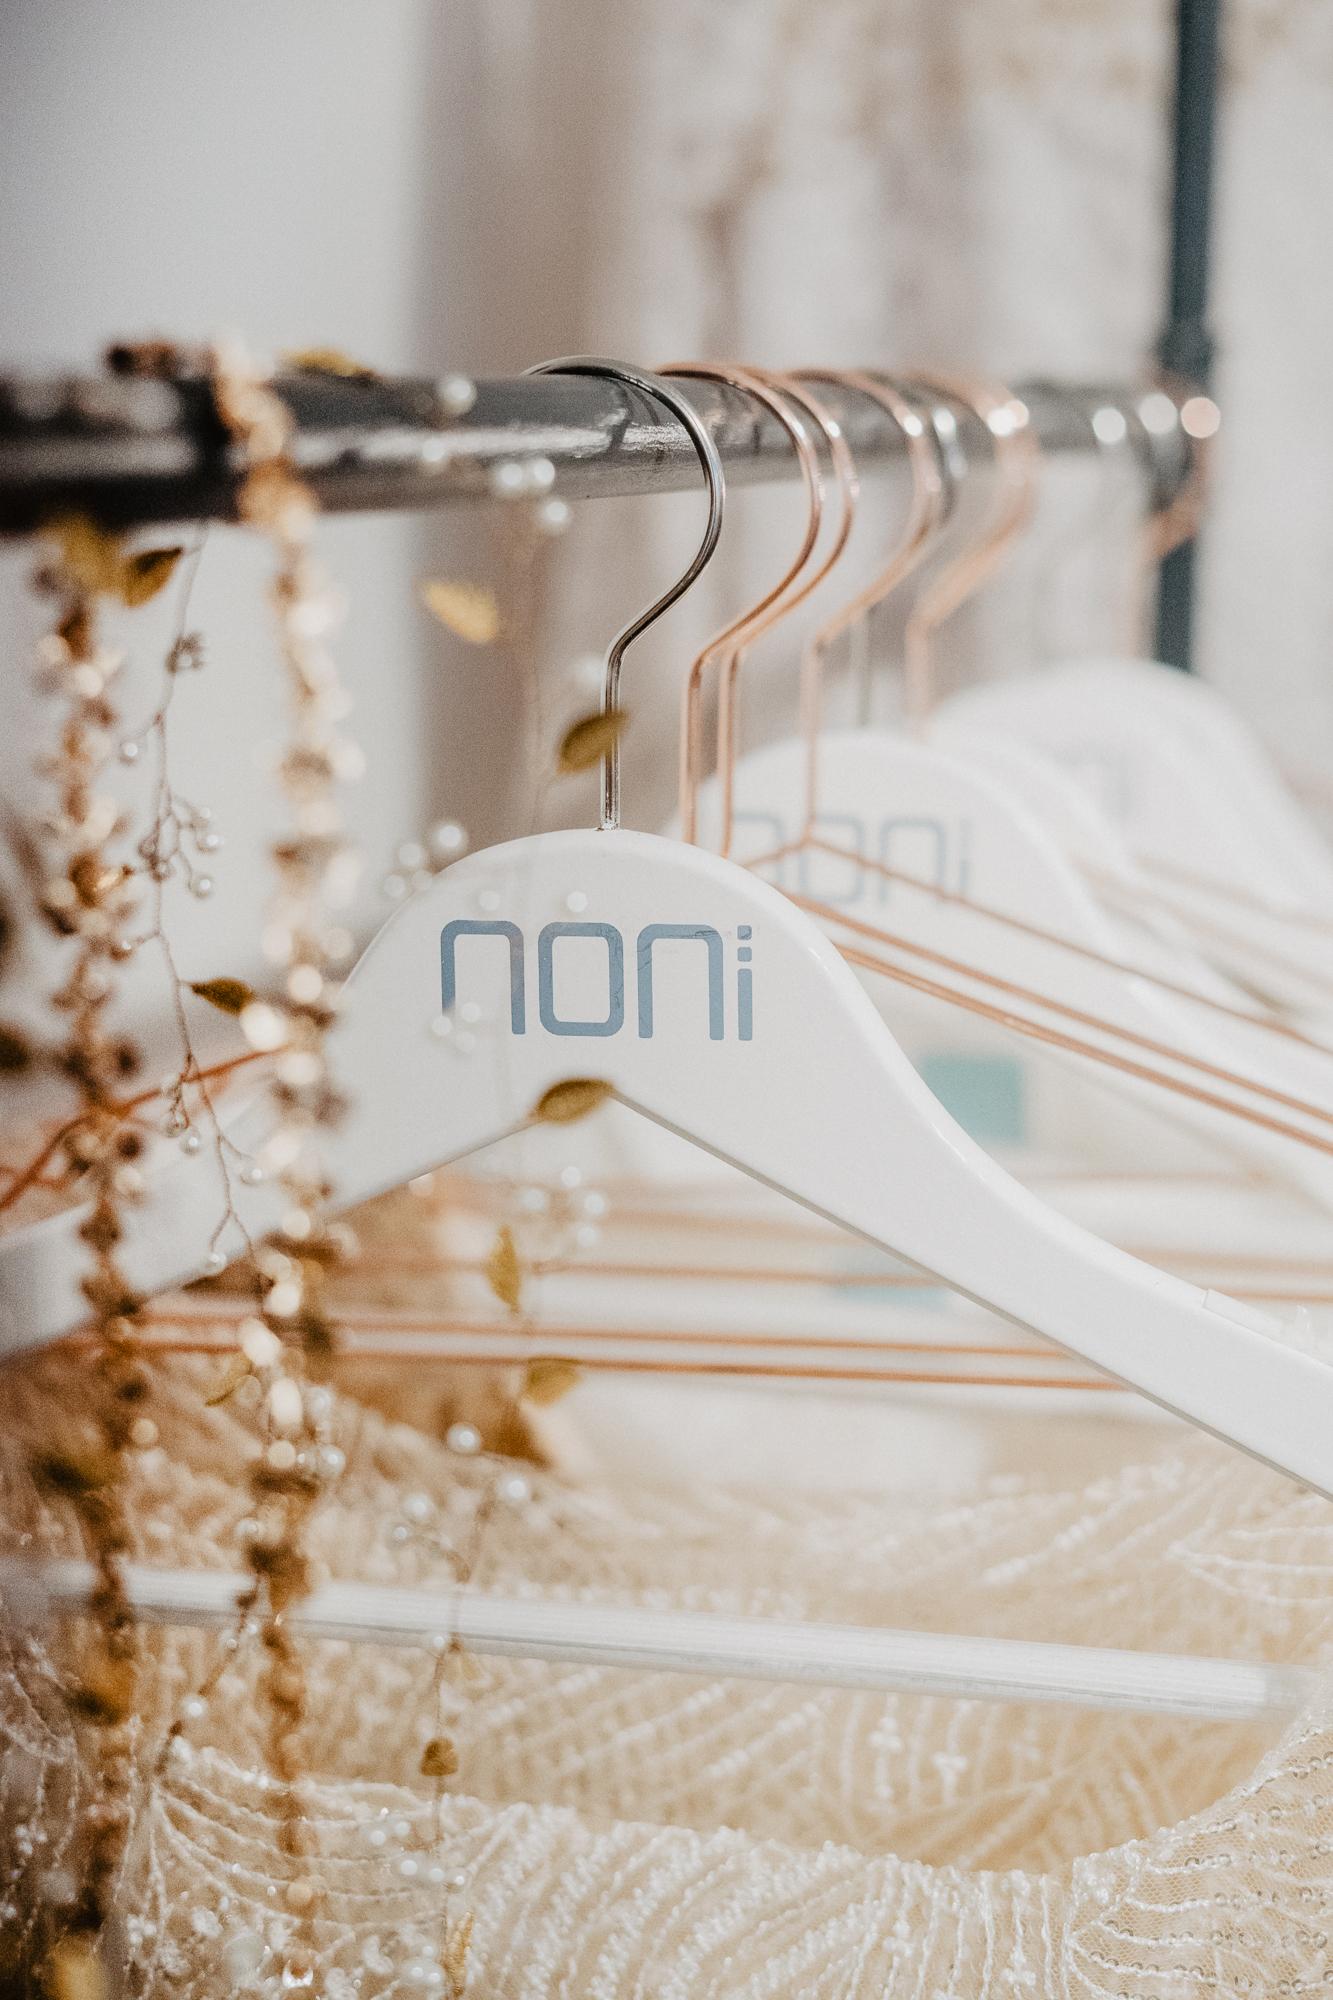 noni Brautkleid Showroom, Detail Kleiderstange mit noni-Kleiderbügel und Brautaccessoires